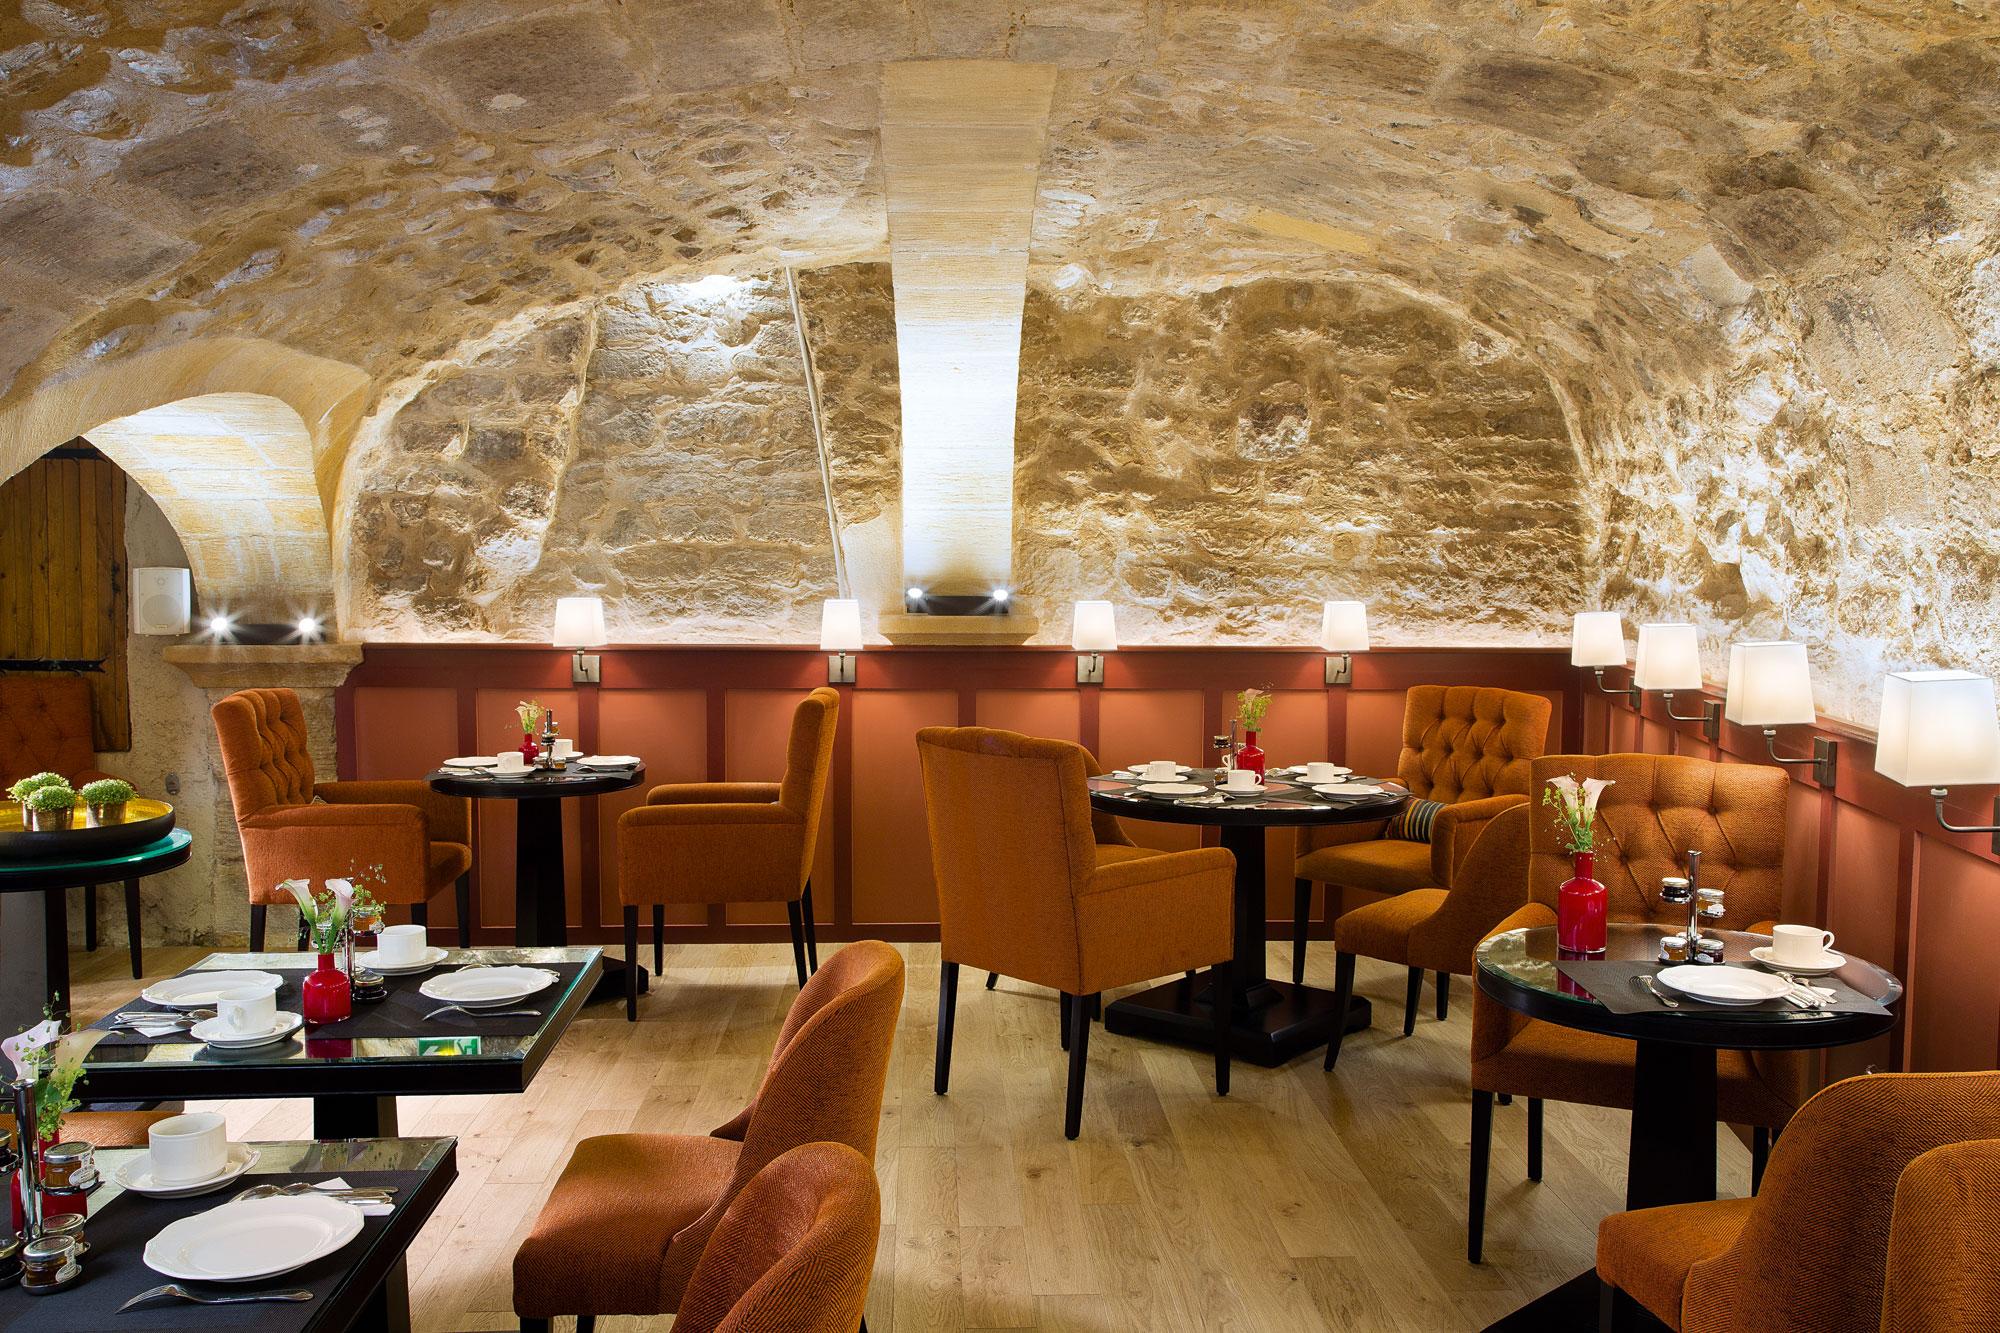 Salle de restaurant romantique dans une cave voûtée,